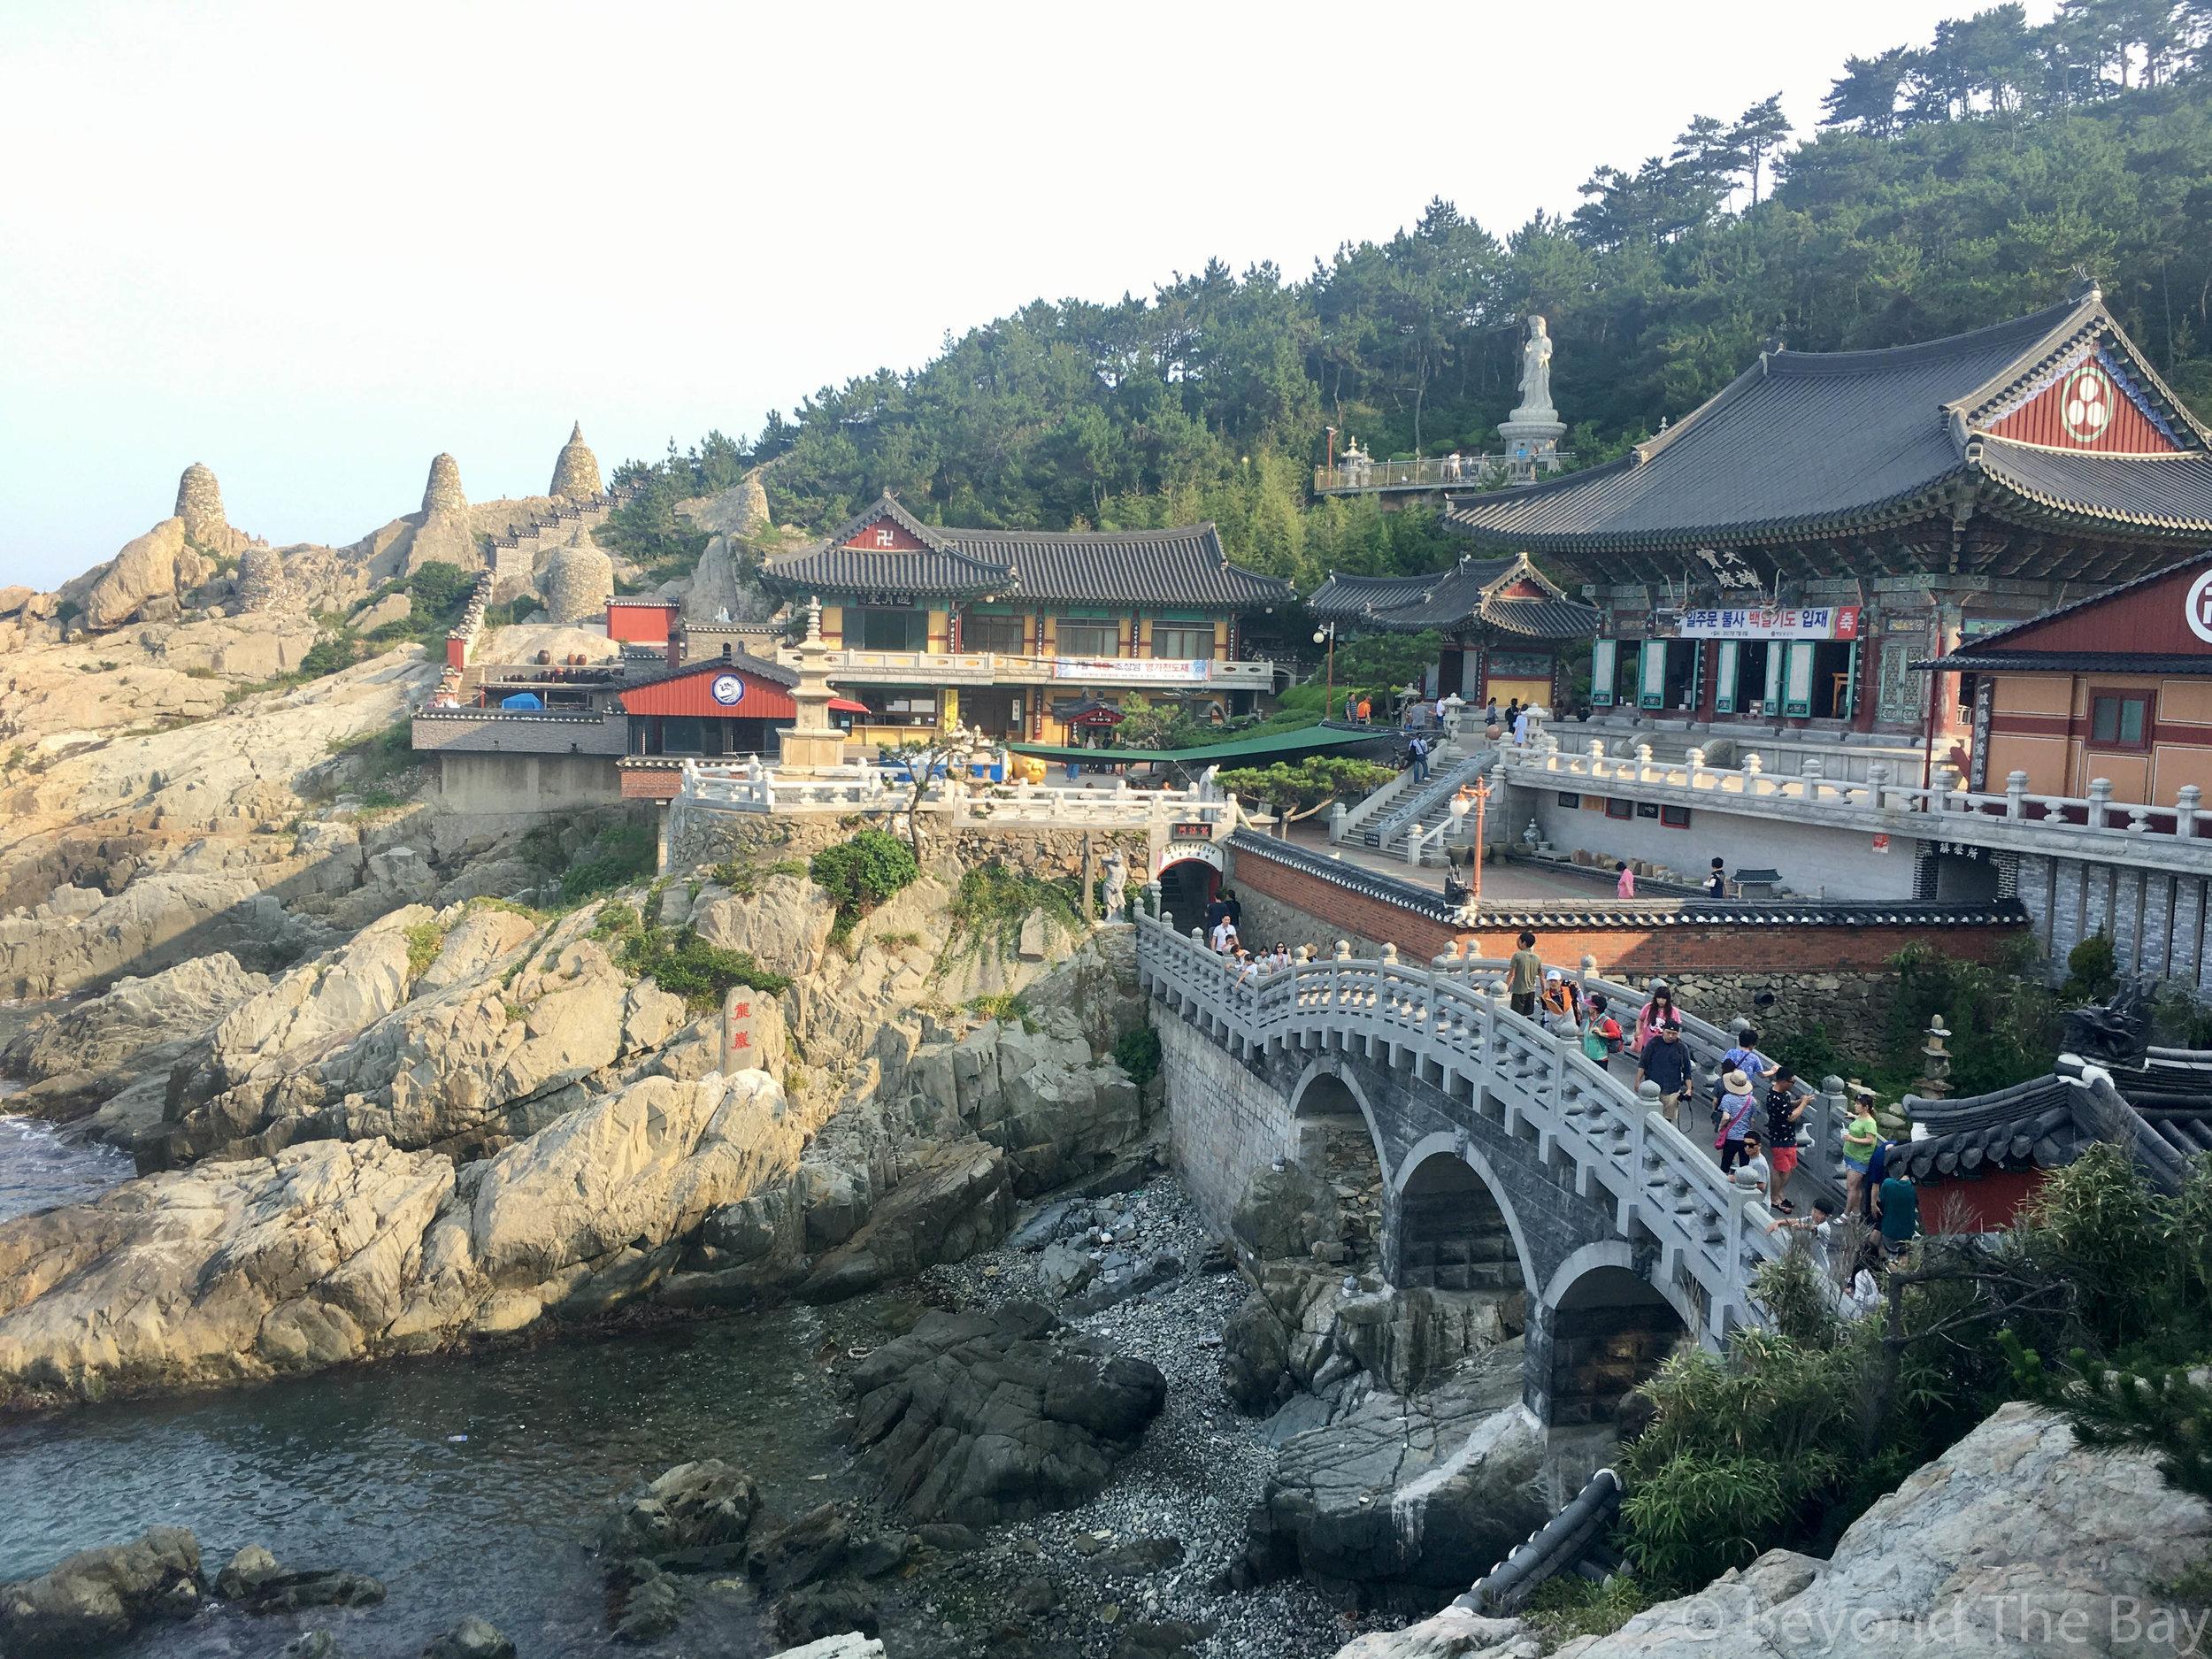 Haedong Yonggungsa Temple bridge